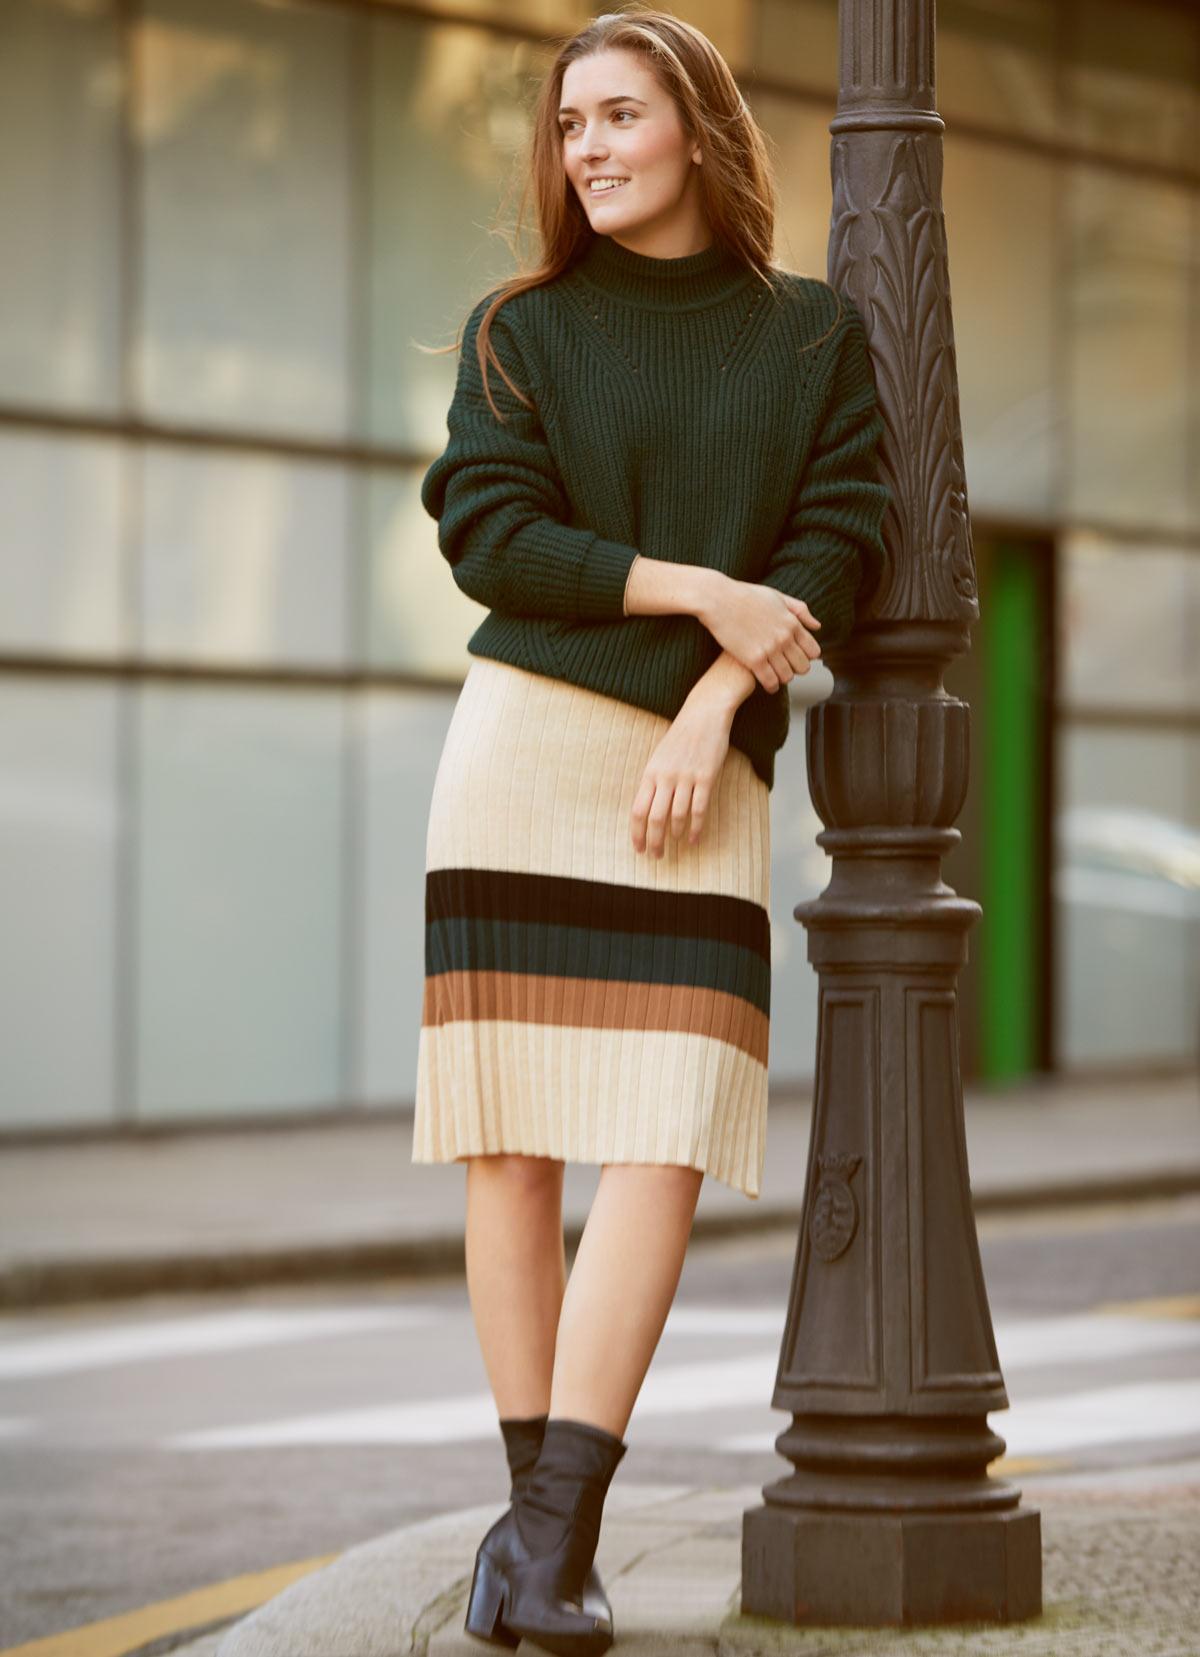 Comment bien porter un pull en laine